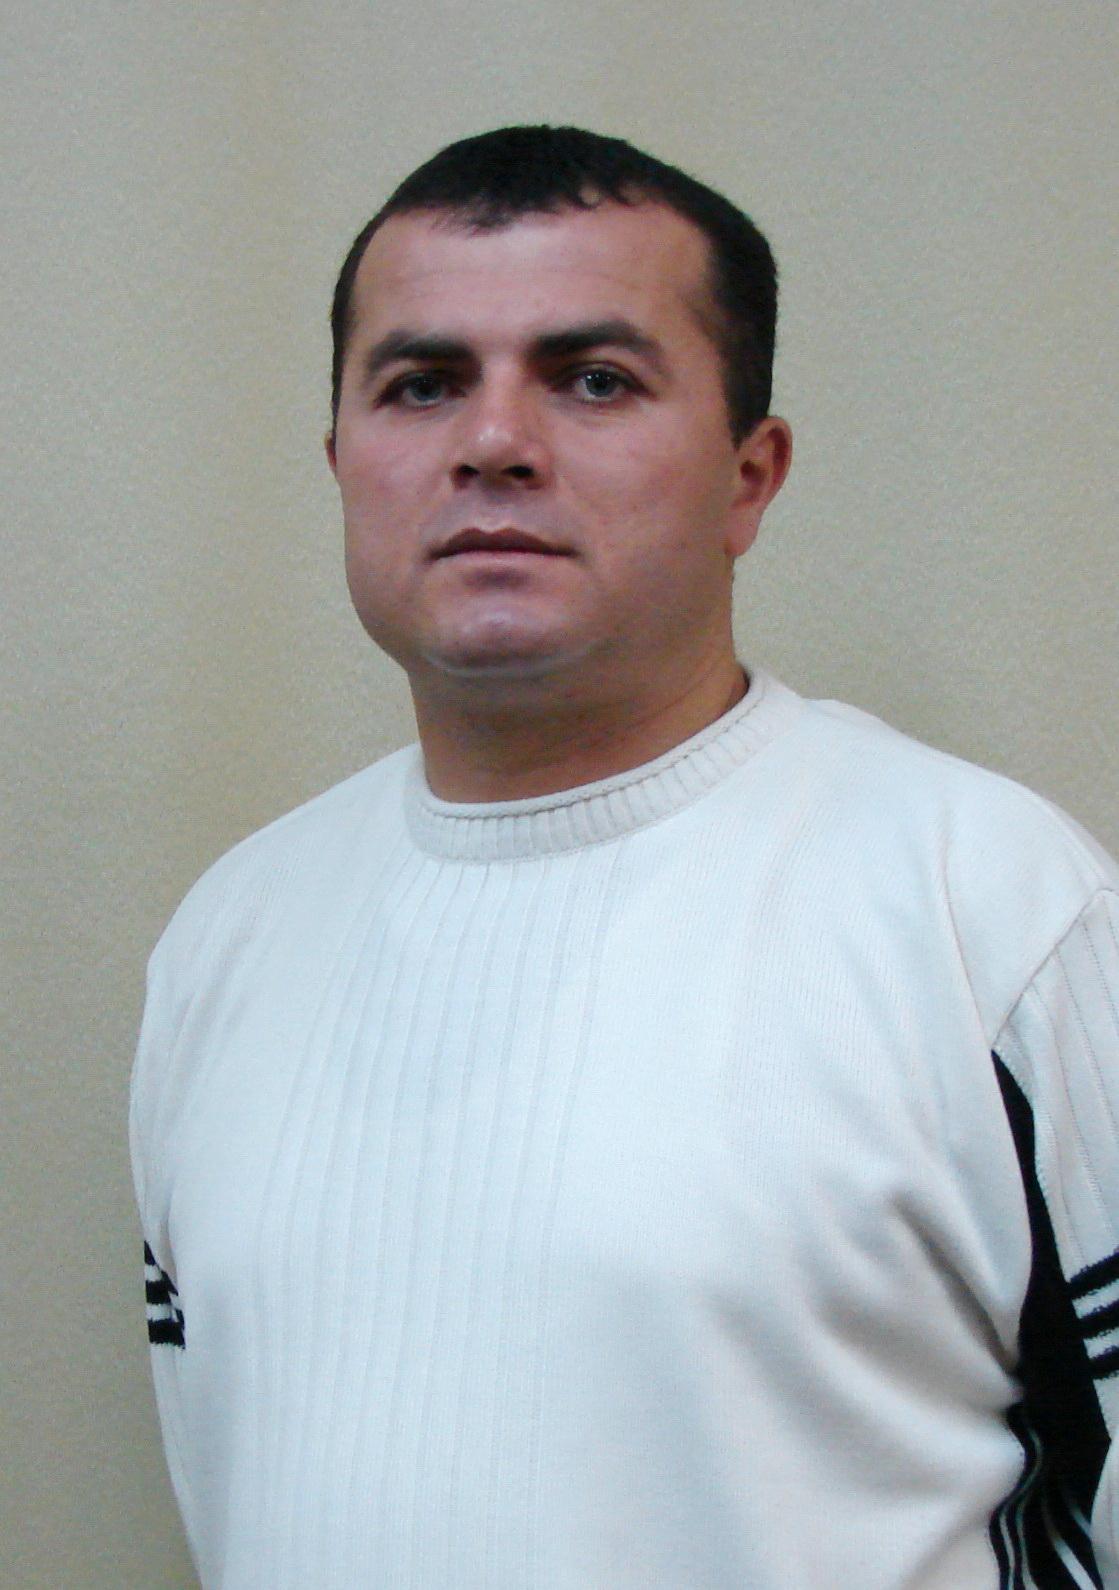 Самедов Нугзар Резоевич - Педагог дополнительного образования, руководитель спортивного отделения «Футбол»